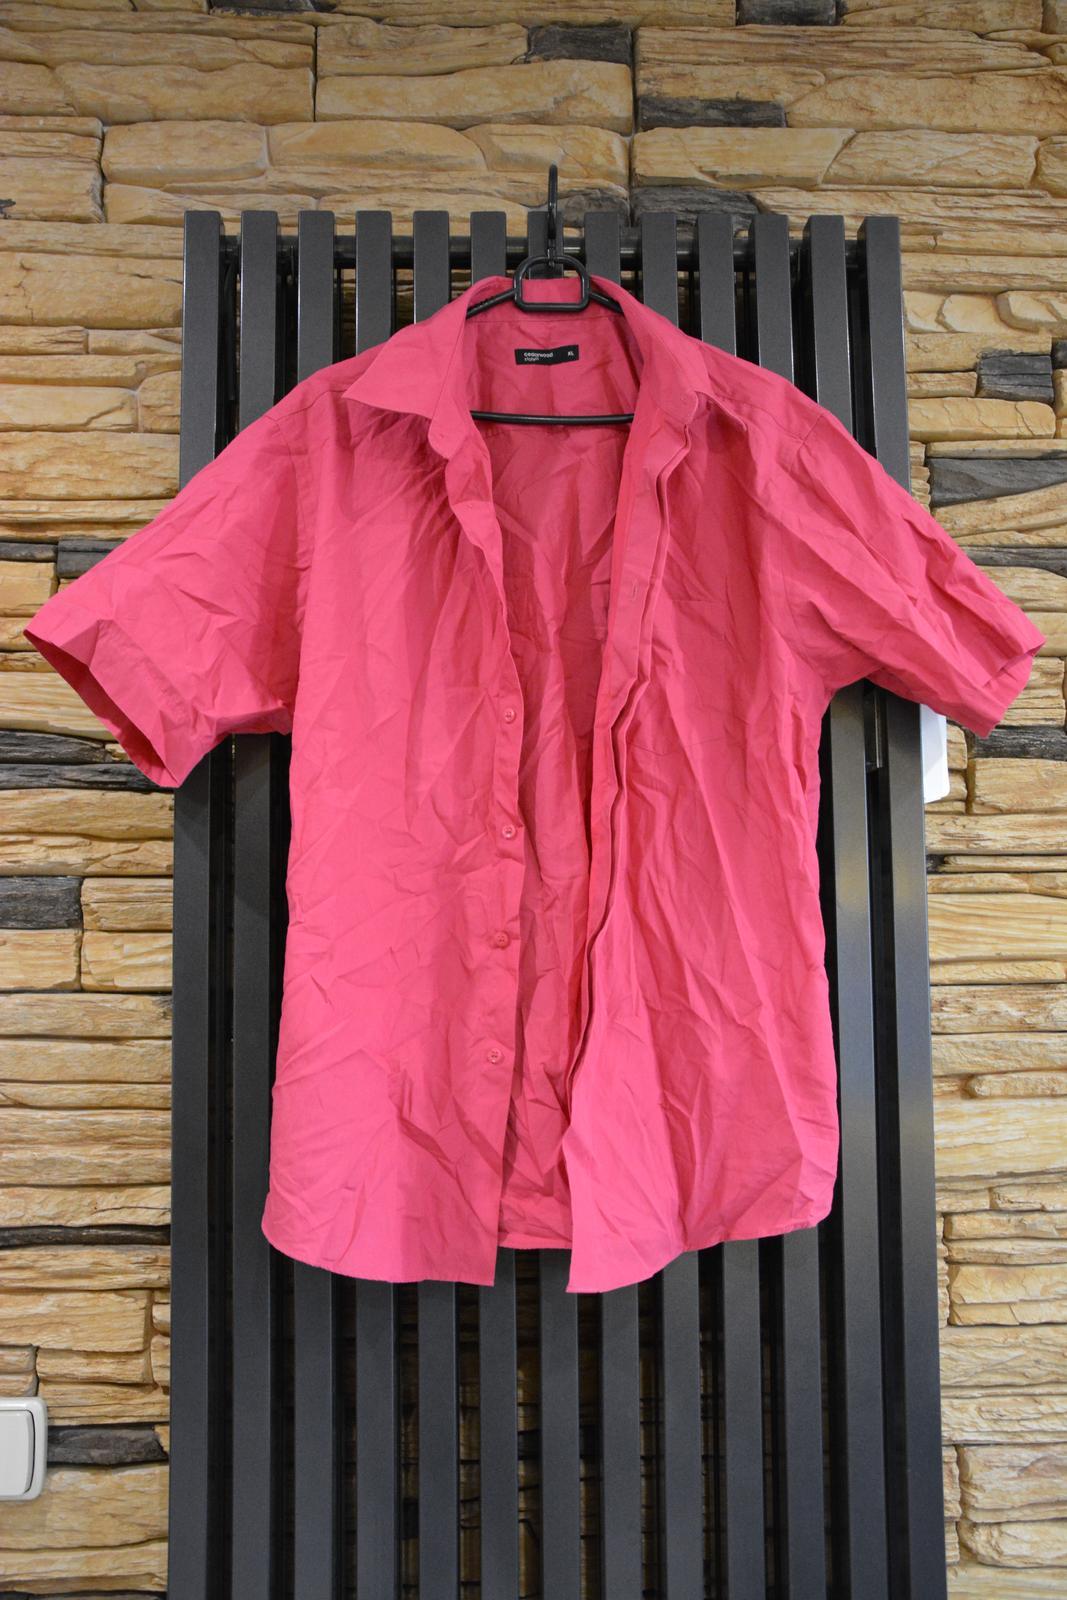 Fuchsiová košile s krátkým rukávem - Obrázek č. 1